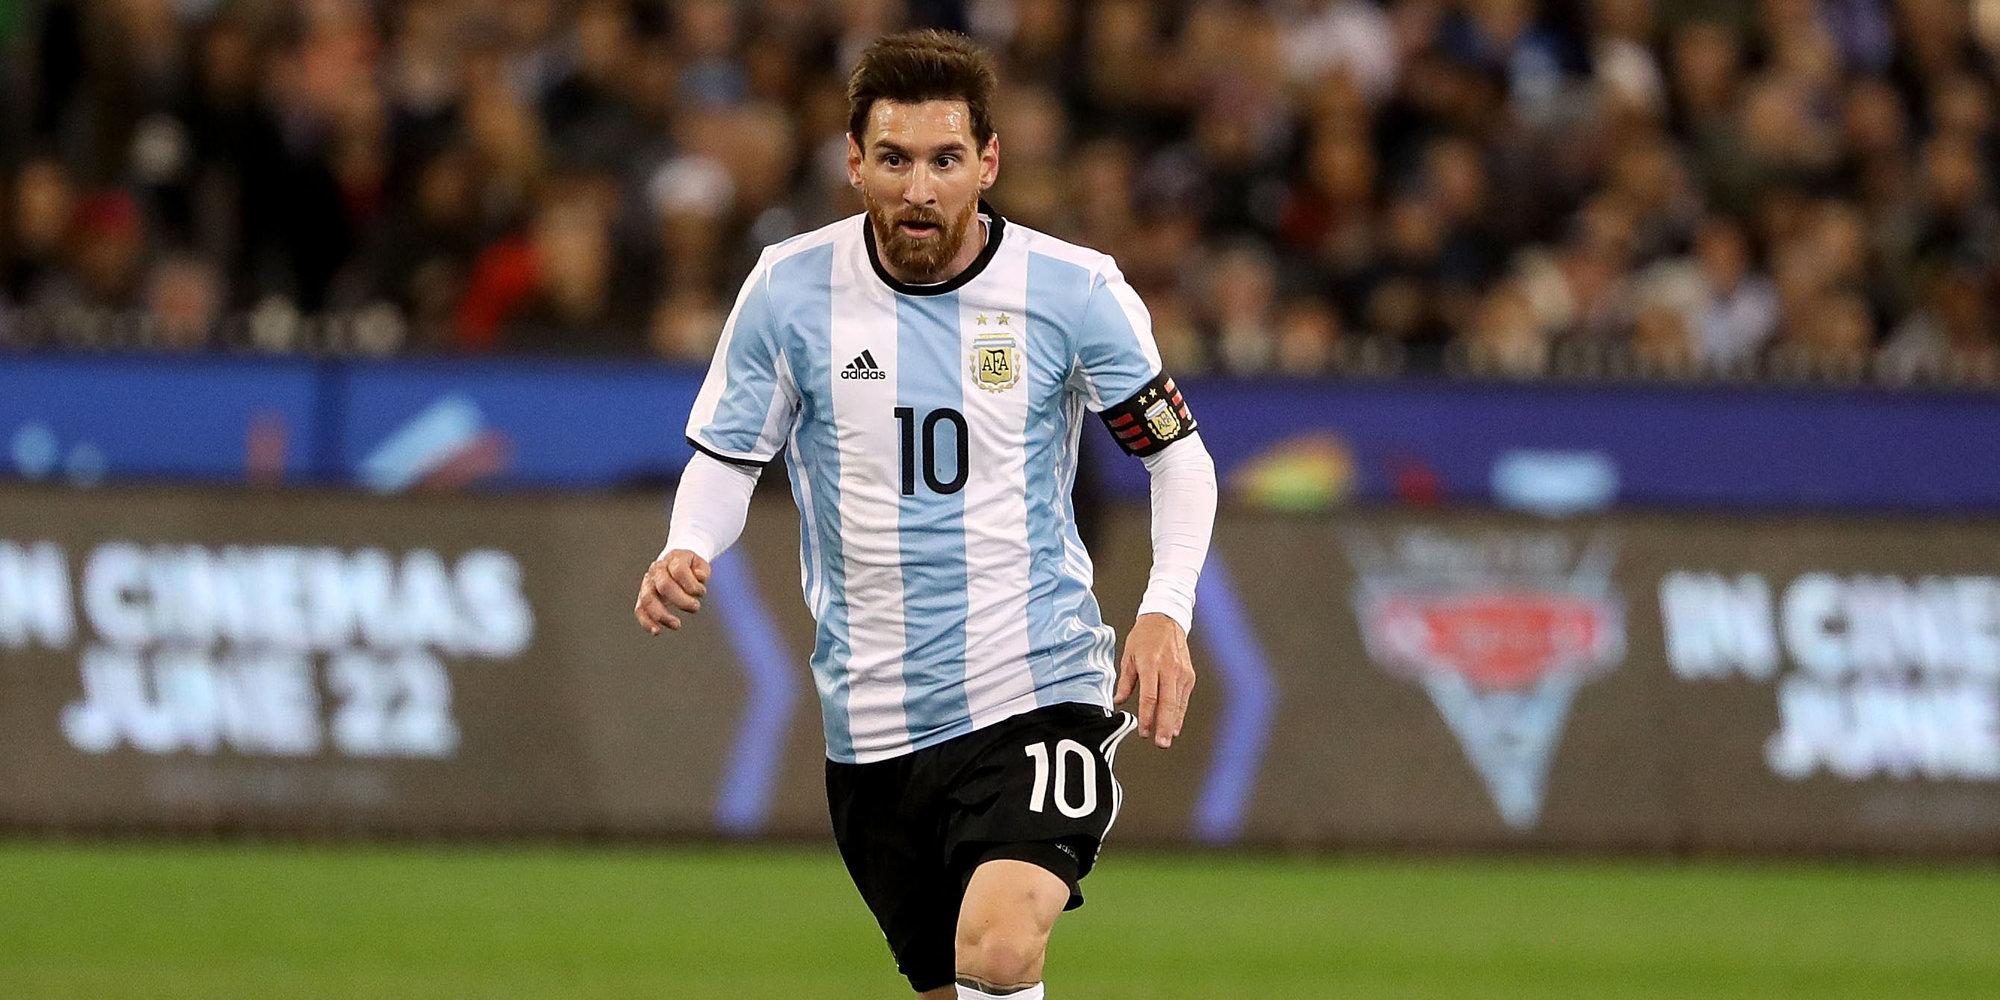 Нигерийцы разобрались сосборной Аргентины, отыграв у конкурента 2 мяча